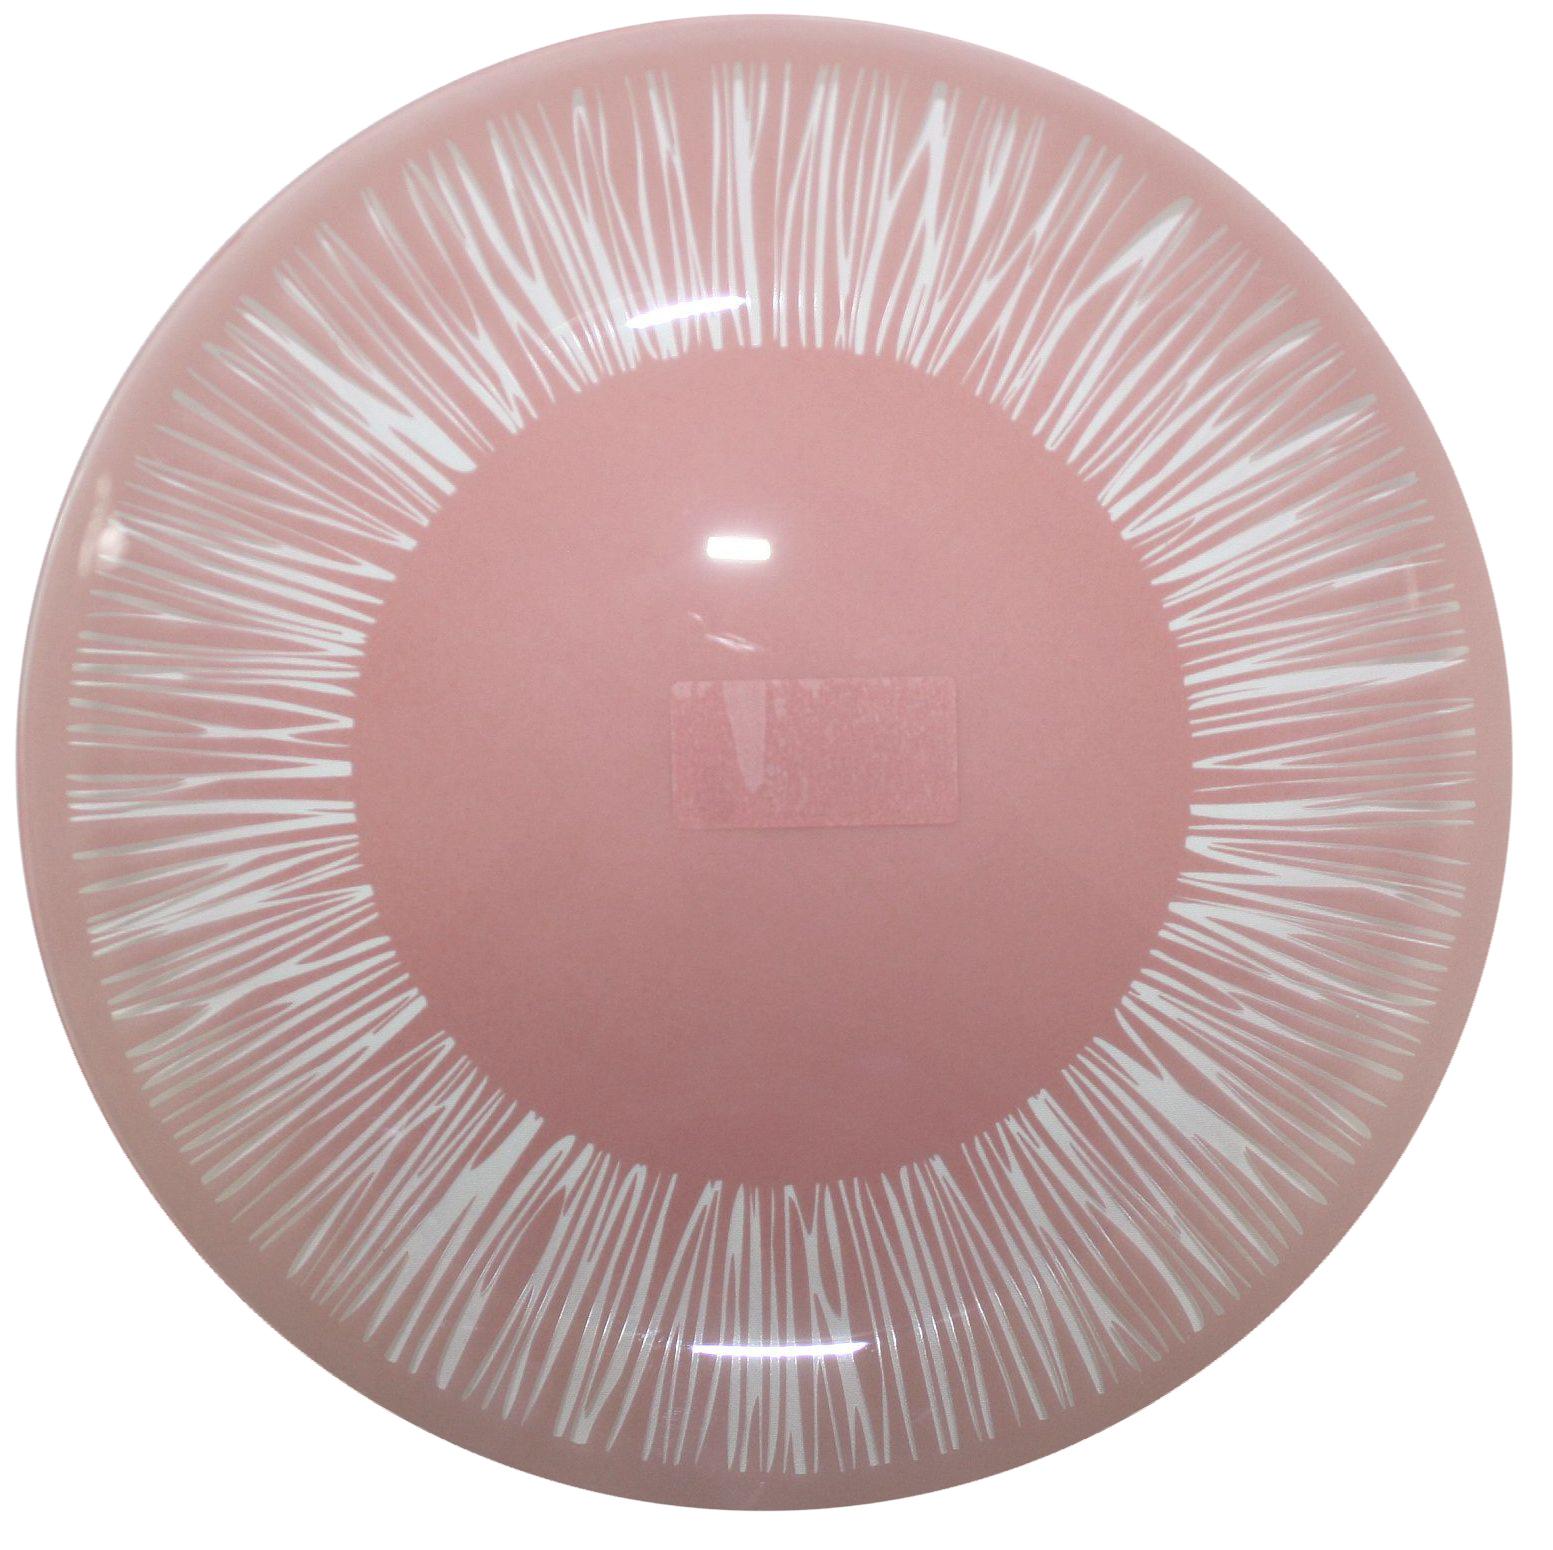 Тарелка NiNaGlass Витас, цвет: красный, диаметр 30 см85-300-016пкТарелка NiNaGlass Витас изготовлена из высококачественного стекла. Изделие декорировано оригинальным дизайном. Такая тарелка отлично подойдет в качестве блюда, она идеальна для сервировки закусок, нарезок, горячих блюд. Тарелка прекрасно дополнит сервировку стола и порадует вас оригинальным дизайном.